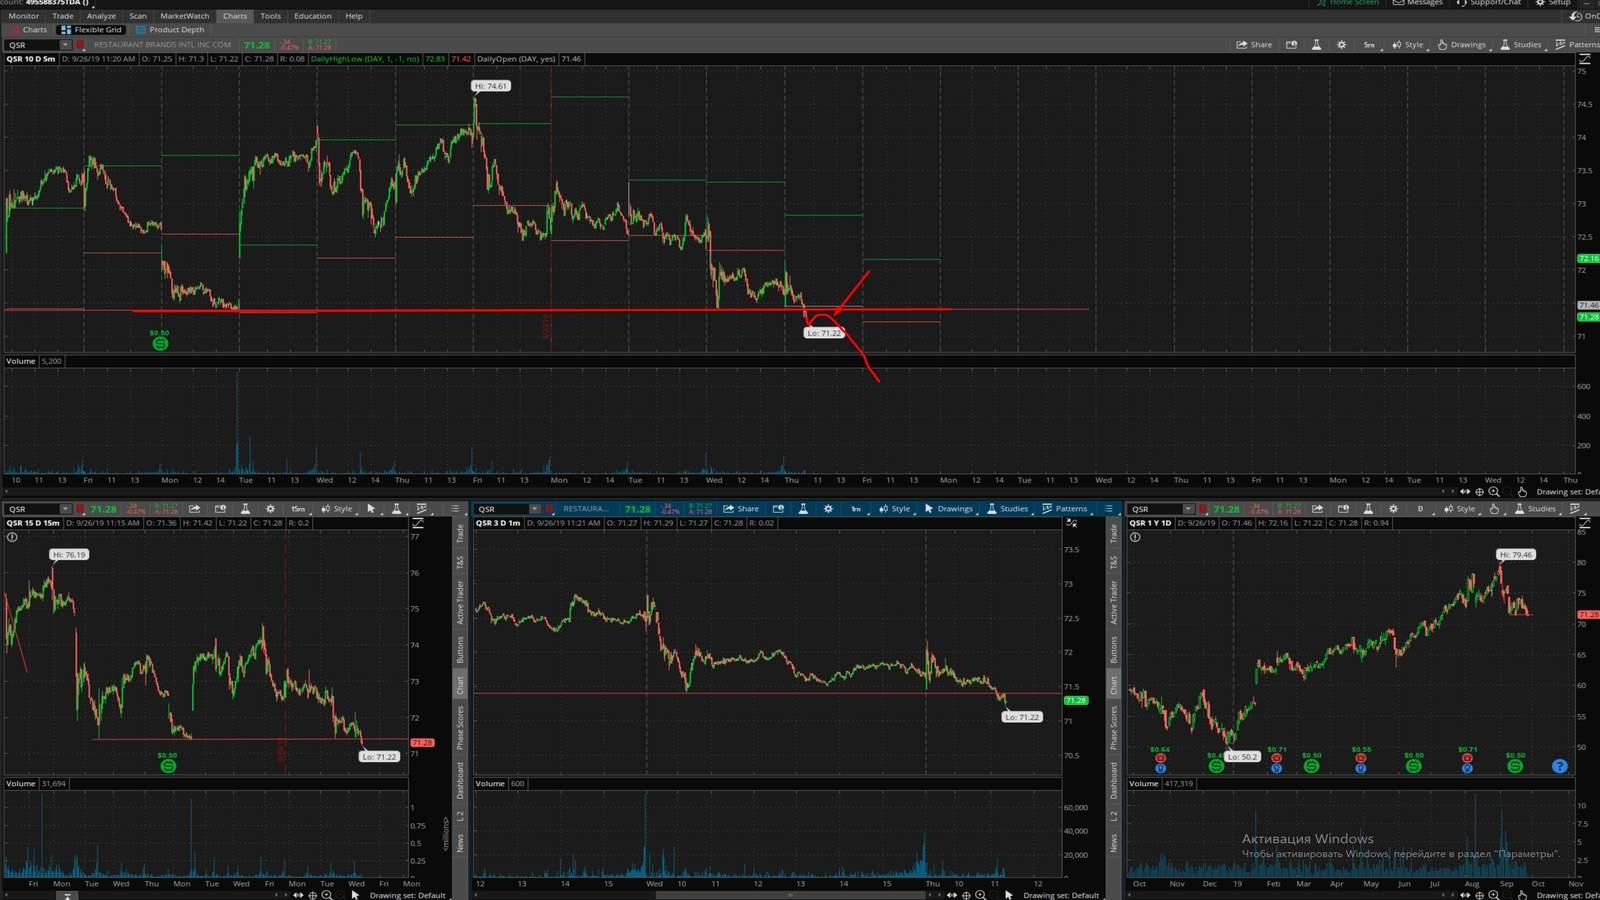 QSR акция на фондовой бирже